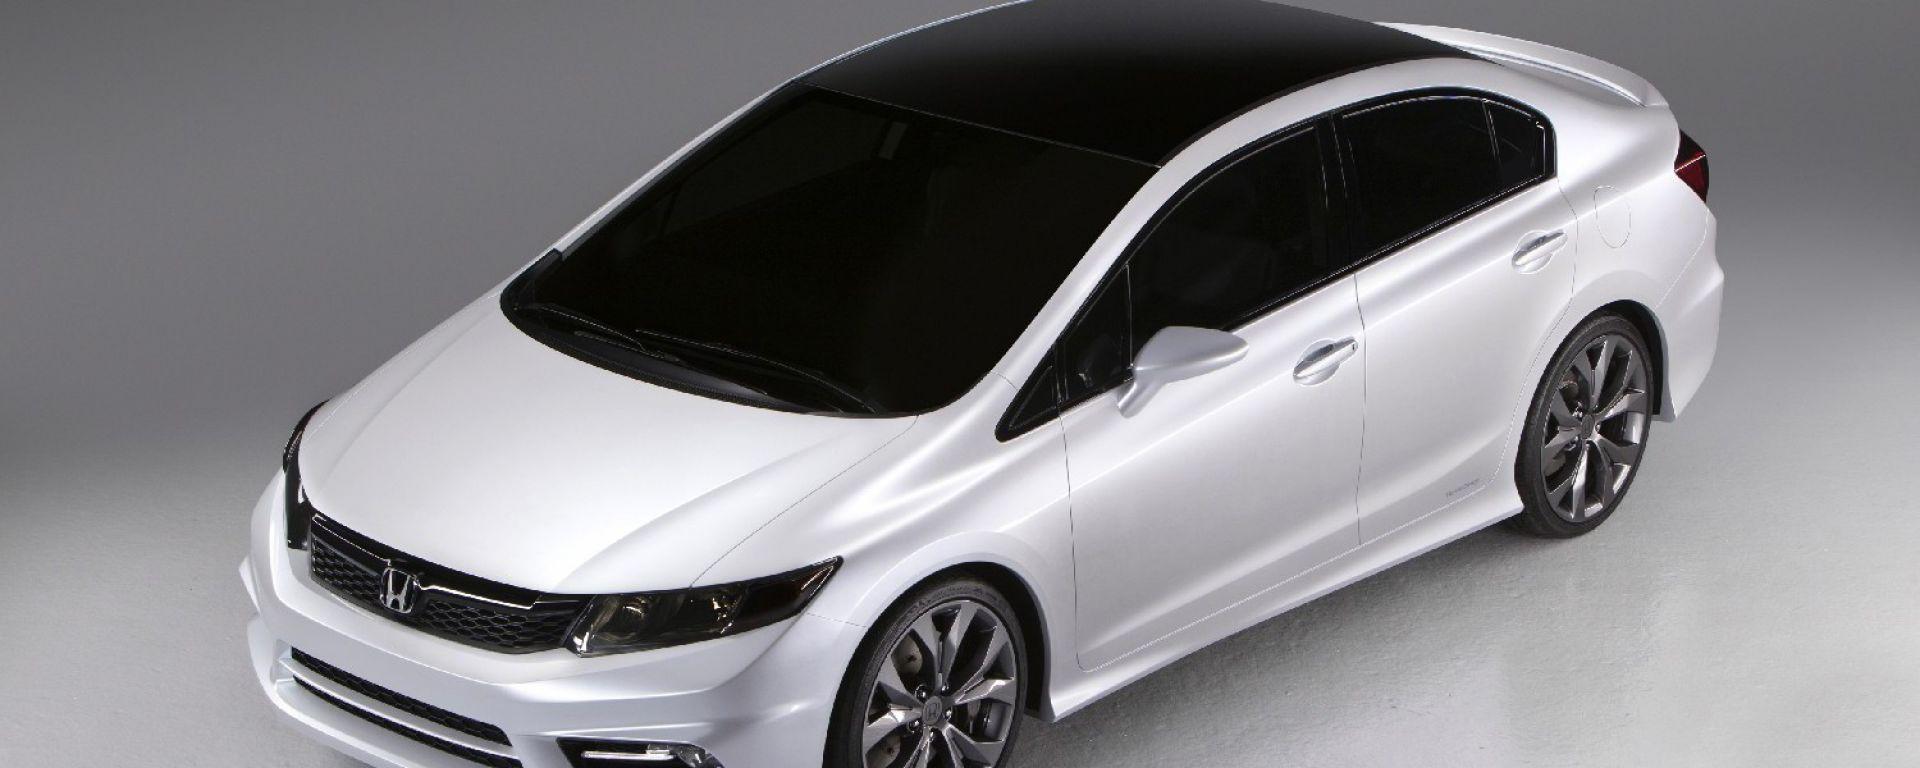 Honda Civic Concept 2012: le foto ufficiali